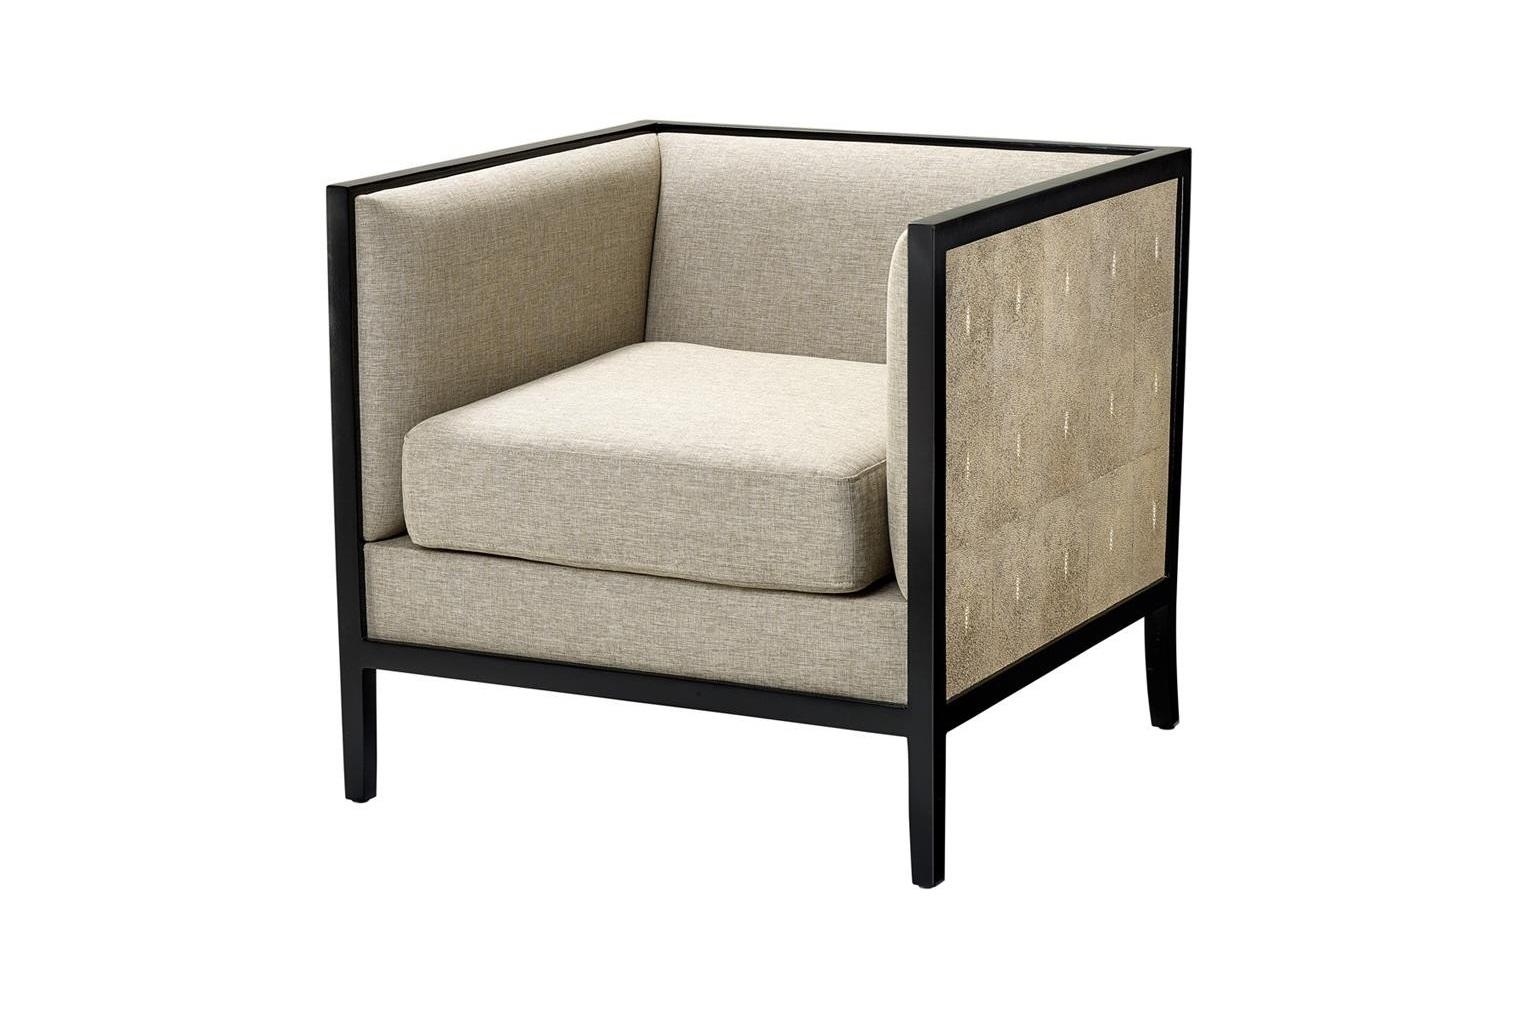 Кресло LauristonИнтерьерные кресла<br>Отделка из кожи акулы.<br><br>Material: Кожа<br>Width см: 70<br>Depth см: 69<br>Height см: 67.5